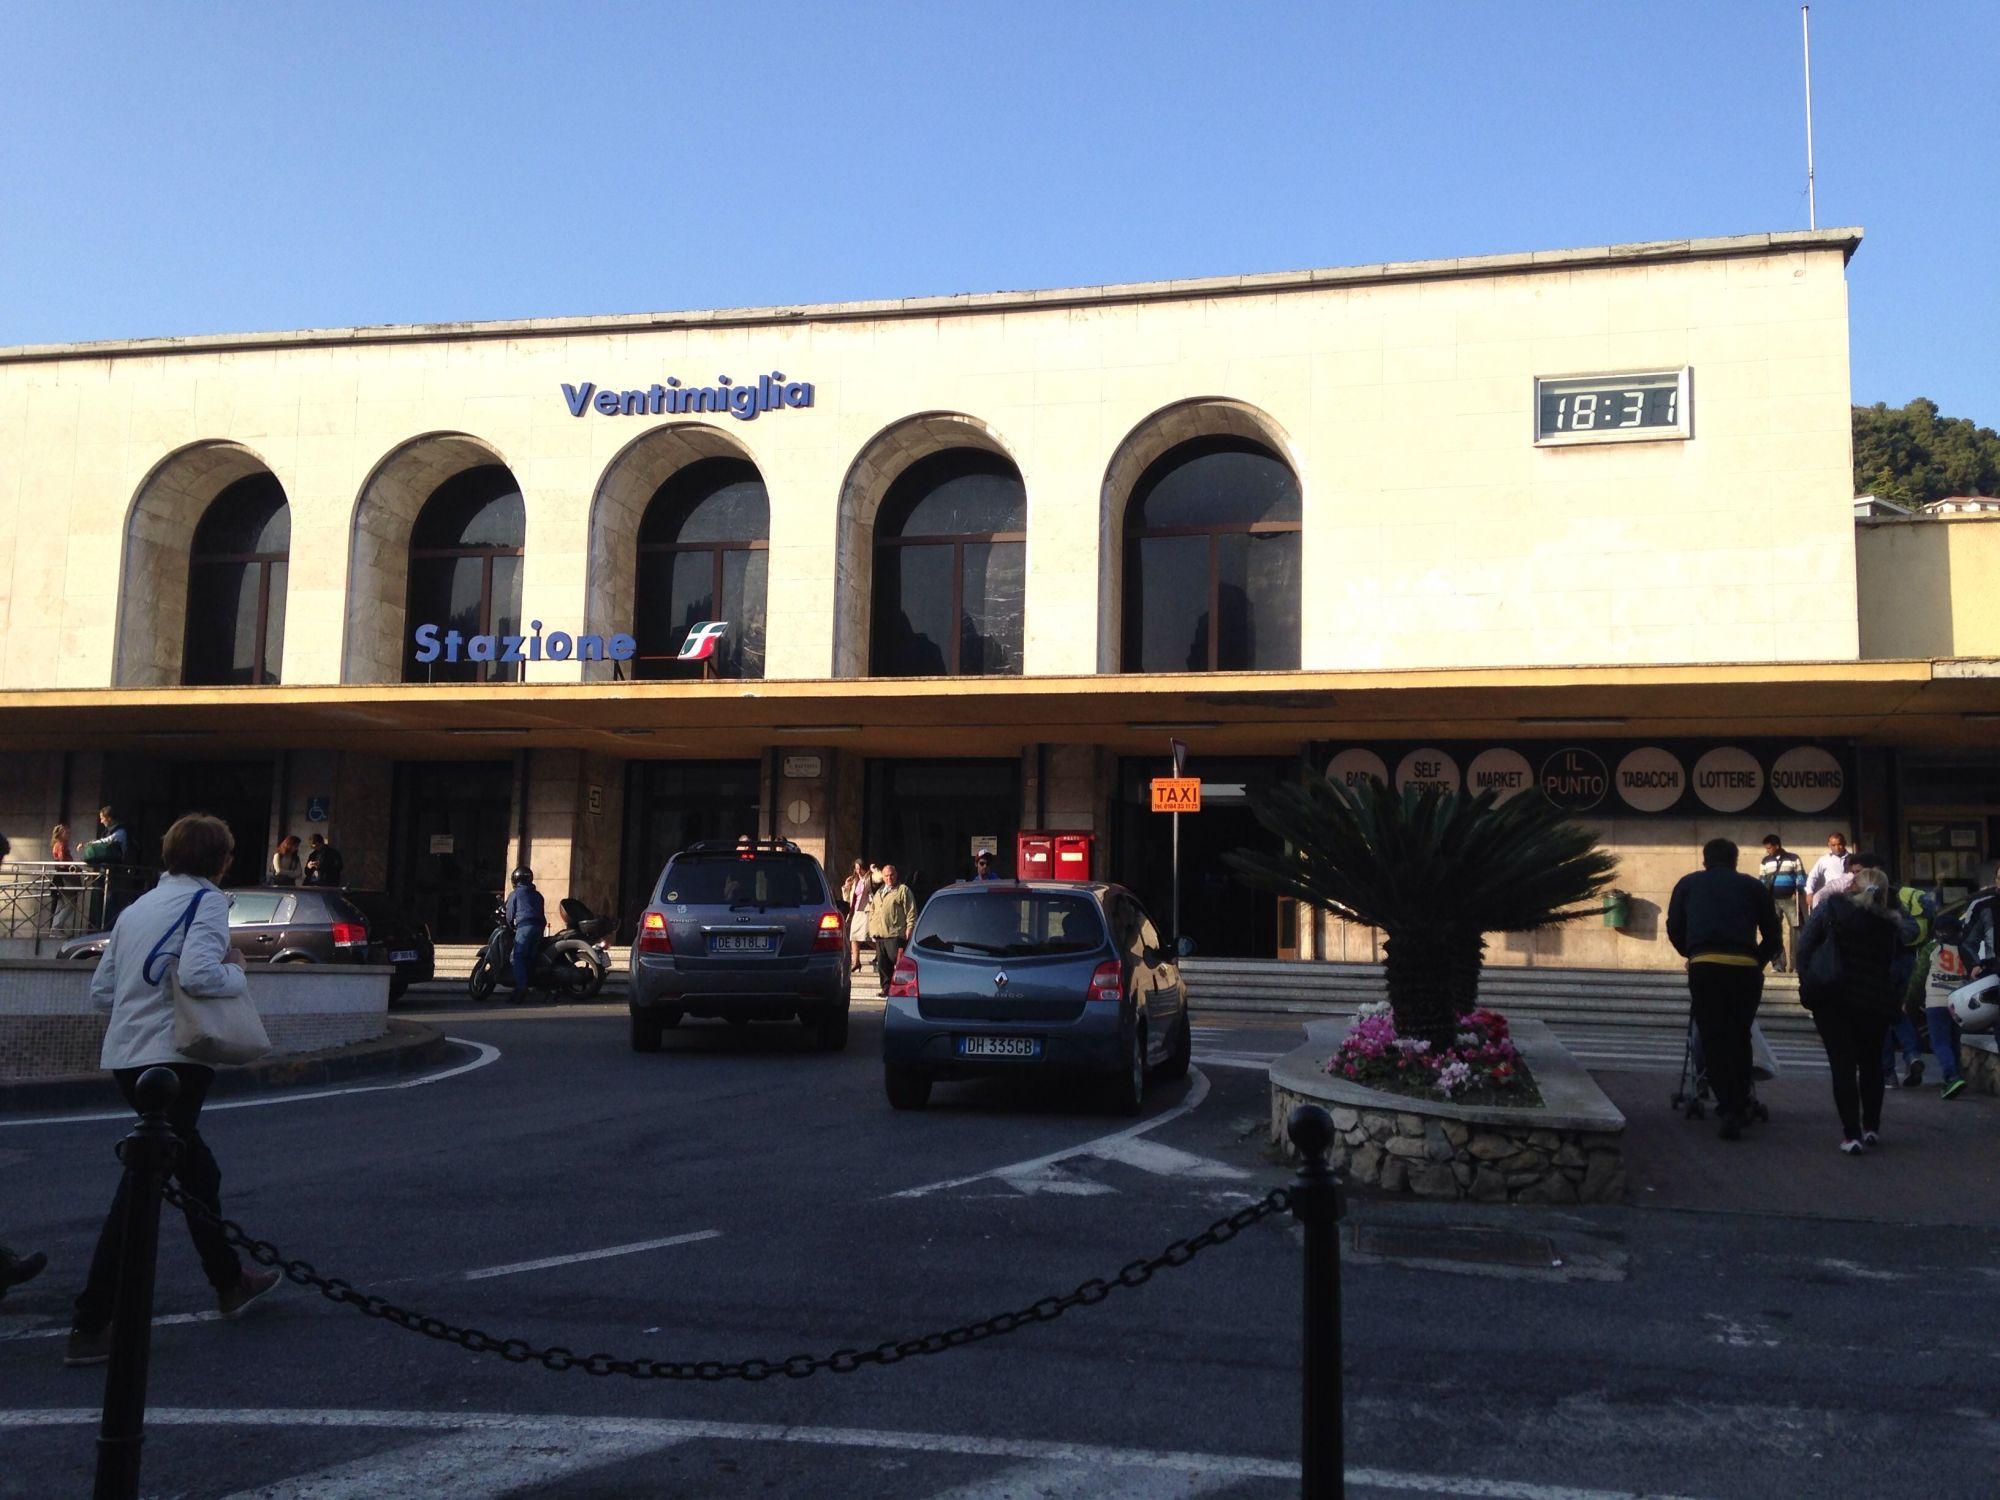 Carro cisterna francese difettoso, trasportava  gpl: stop a Ventimiglia. Stazione off limits da stasera alle 20